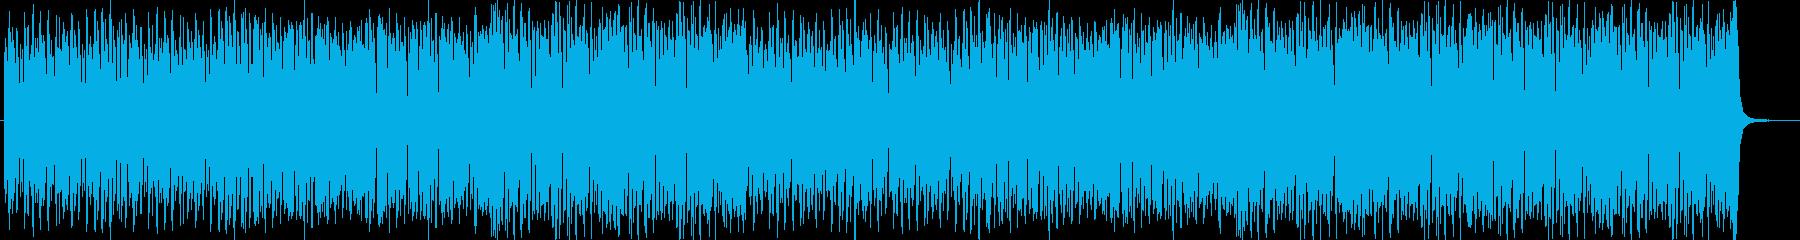 滑稽なサーカス風ハロウィンBGMの再生済みの波形